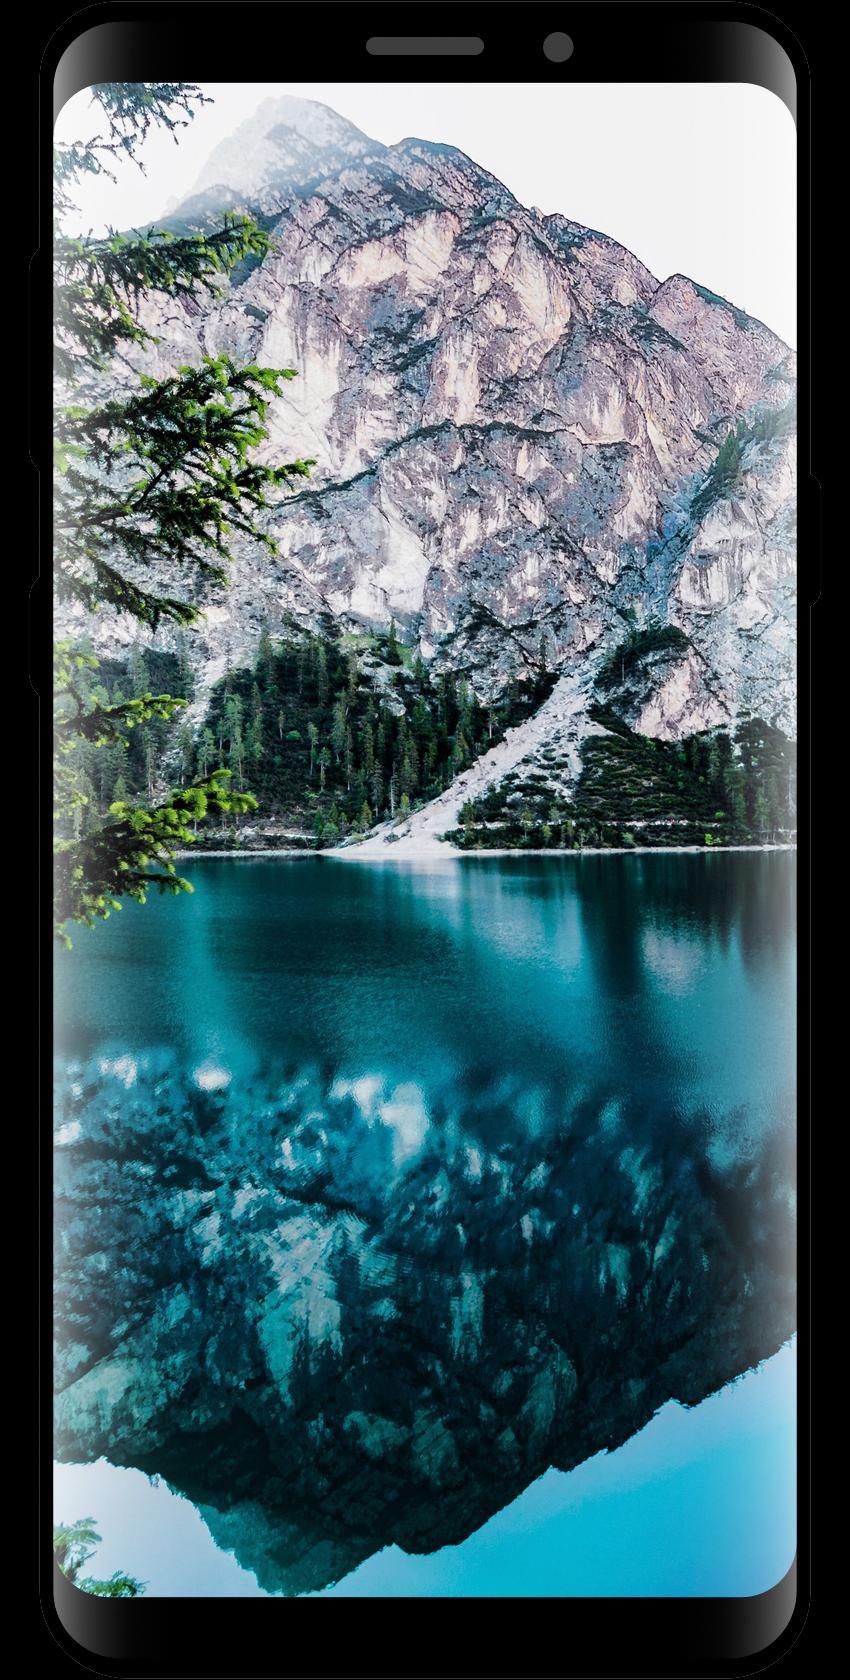 أجمل الخلفيات الطبيعية  10000 Nature Wallpapers screen-7.jpg?fakeurl